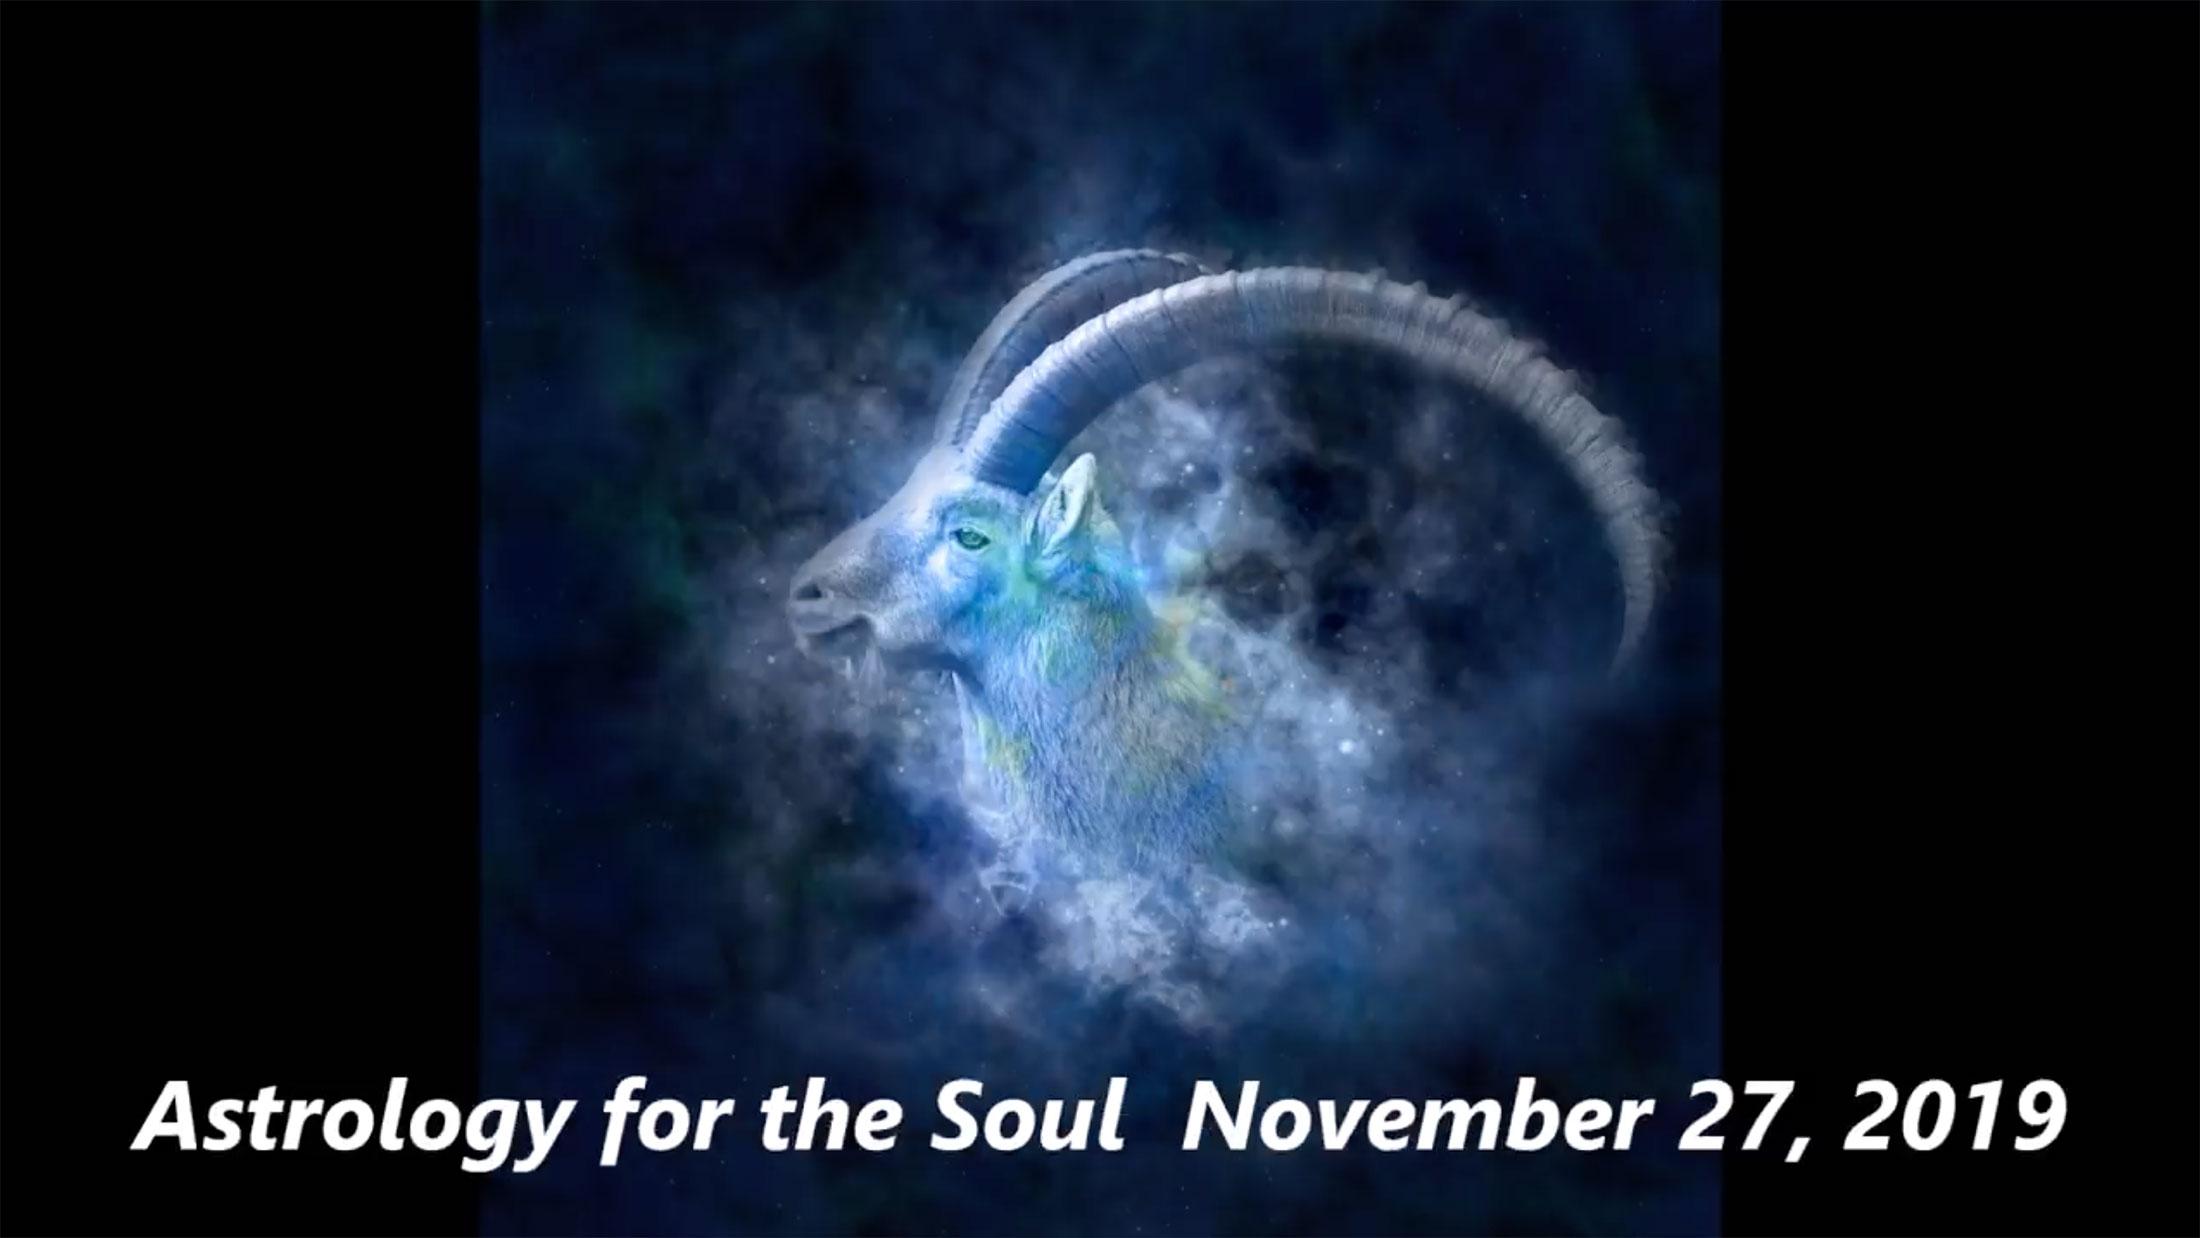 Nov 27th, 2019 – Pele Report, Astrology Forecast